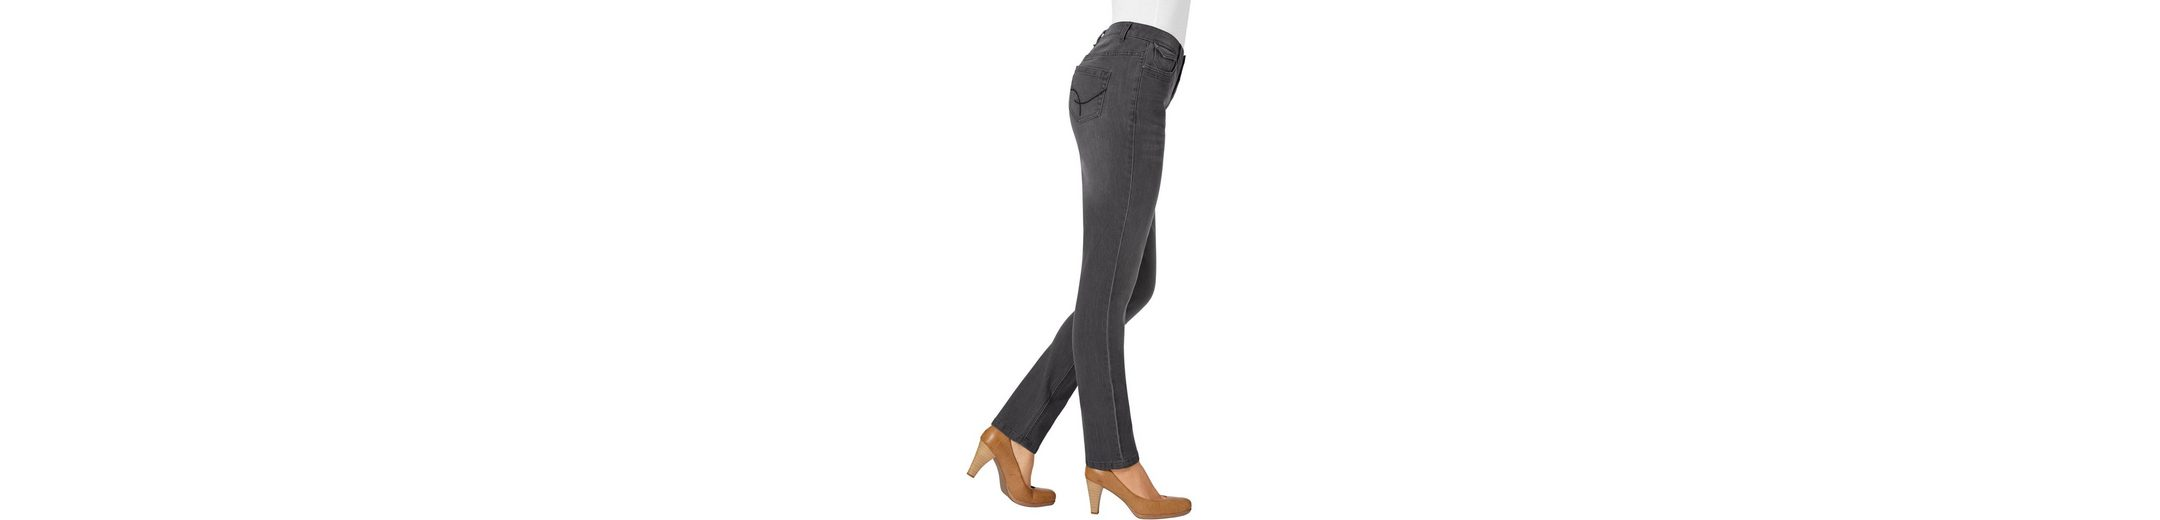 Neueste Online-Verkauf Günstig Kaufen Bestellen Classic Inspirationen Jeans in angesagter Used-Look-Waschung Günstig Kaufen Sehr Billig 416KV